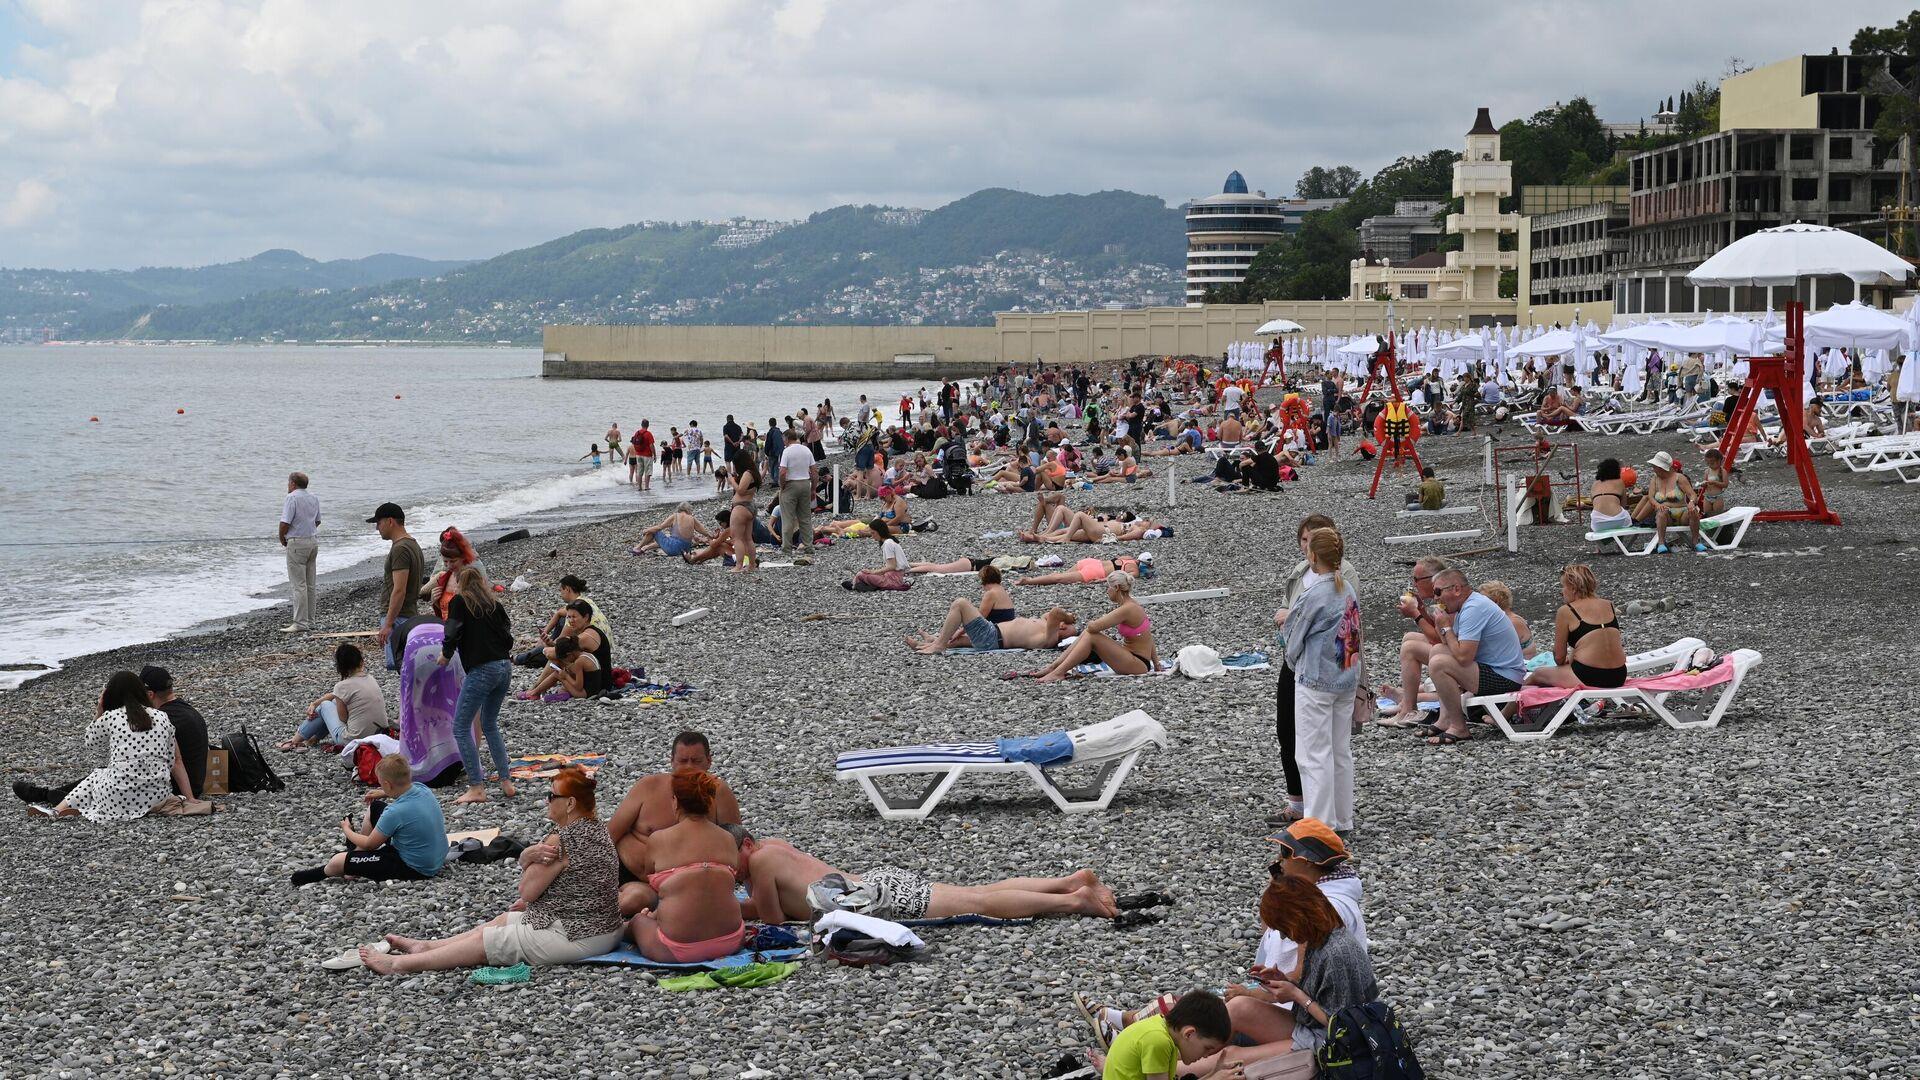 Отдыхающие на пляже Ривьера в Сочи - РИА Новости, 1920, 05.08.2021